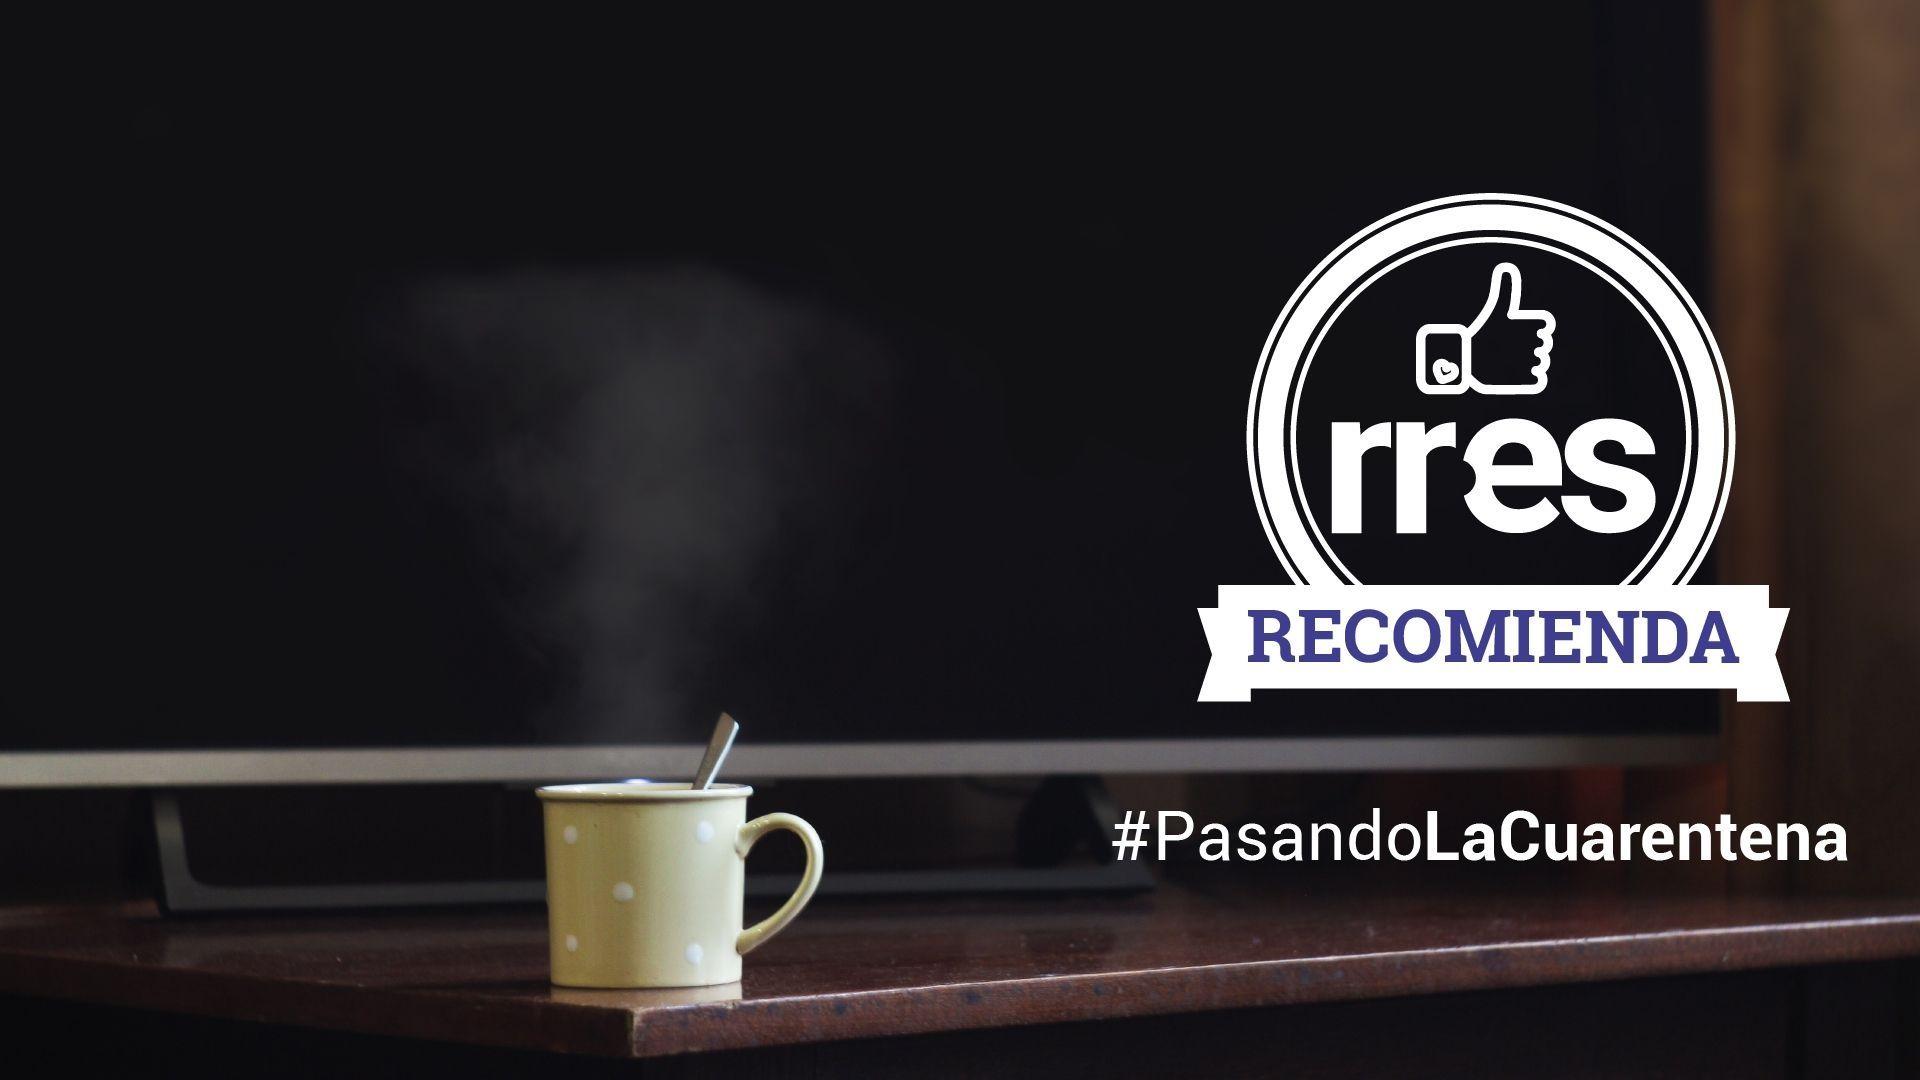 #PasandoLaCuarentena |  Crosstraining RF en casa para activar el cuerpo #13May